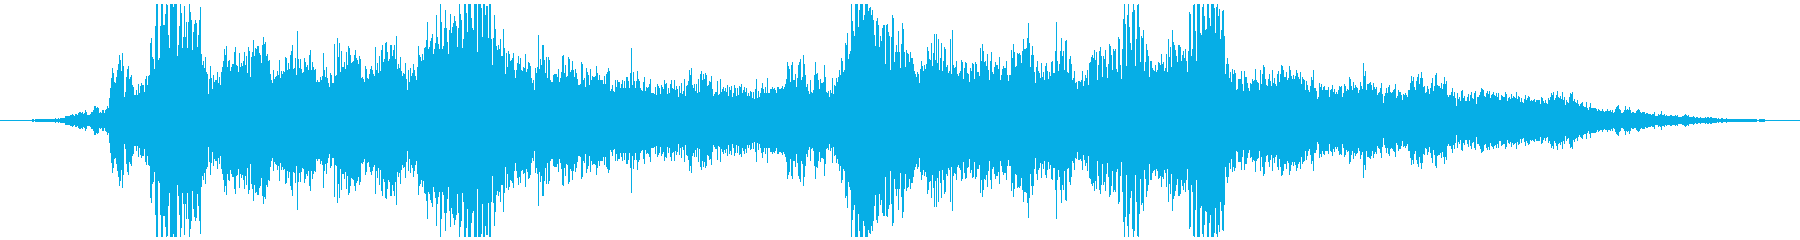 神秘的なところに潜る音の再生済みの波形